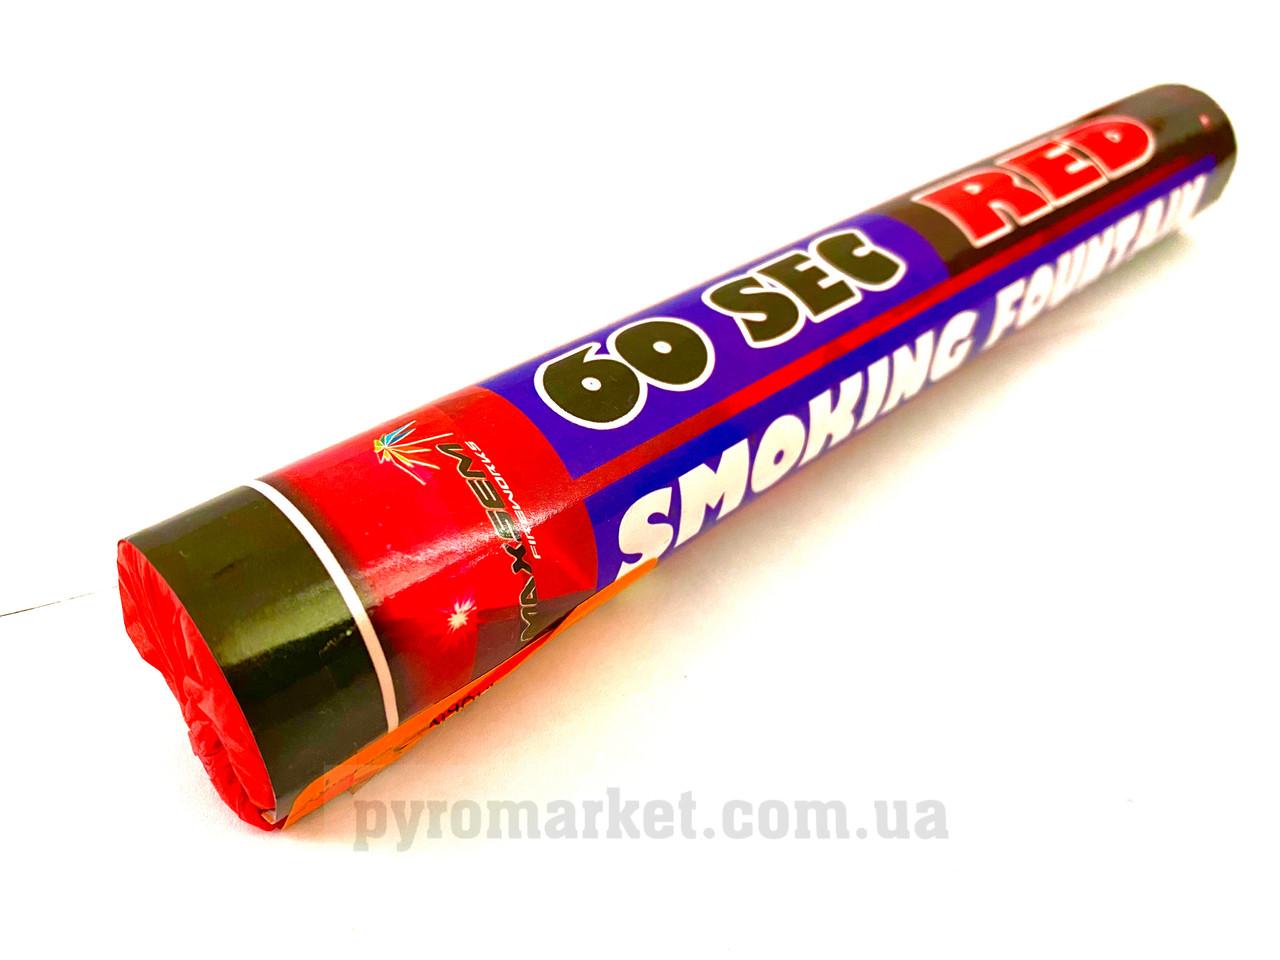 Красный дым для фотосессии Maxsem MA0512 Red ручная дымовая шашка/факел 60 с